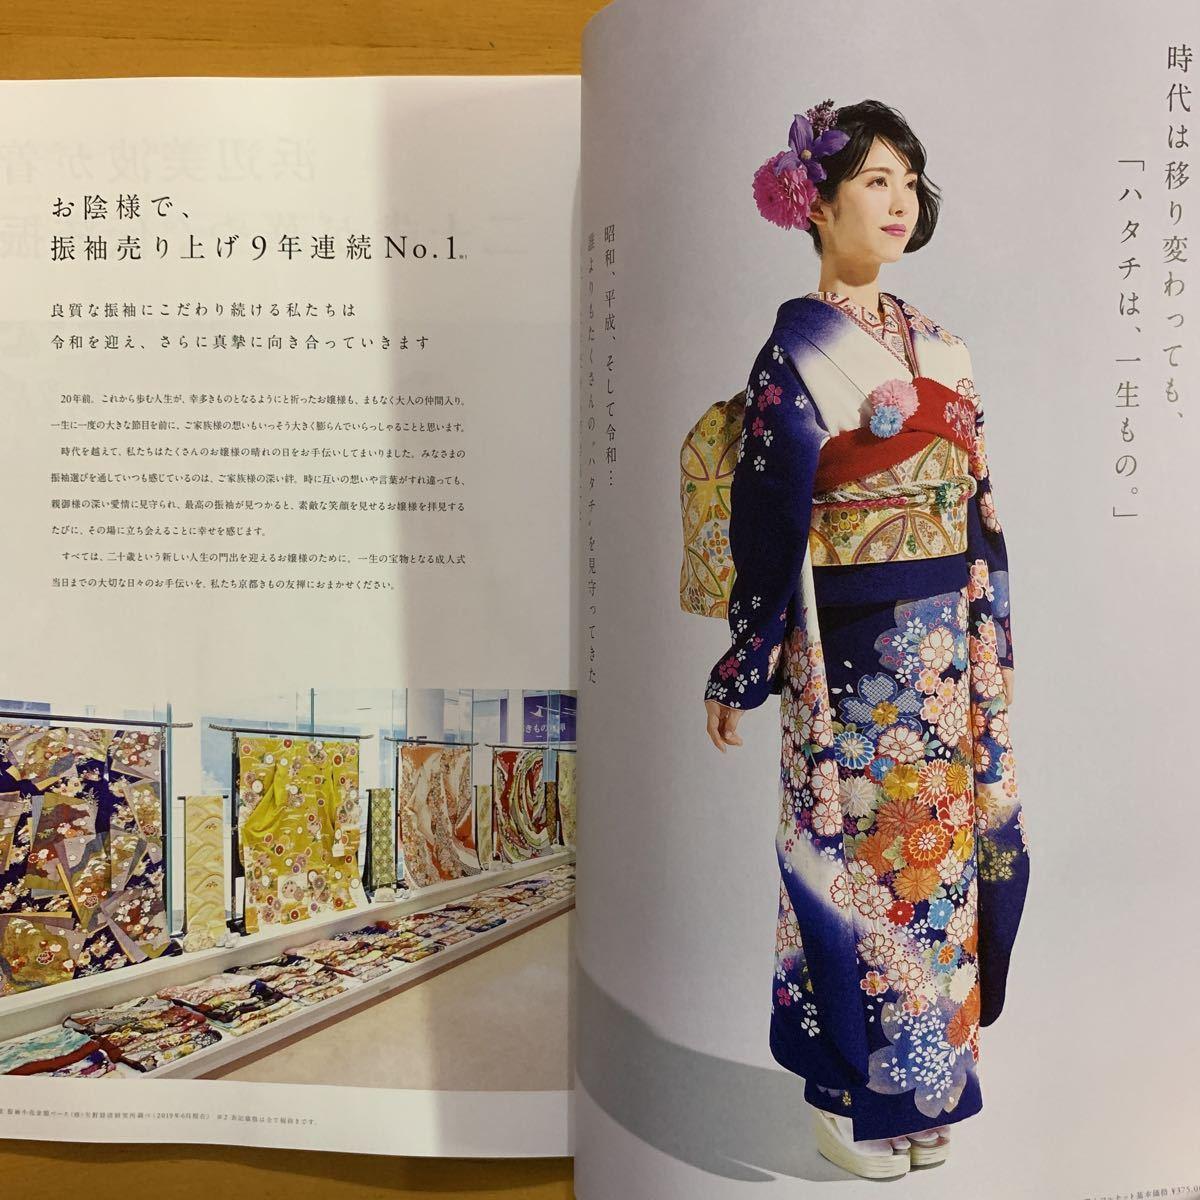 京都きもの友禅 イメージモデル浜辺美波が着る 令和を彩る振袖コレクション 最新振袖カタログ 着物 非売品